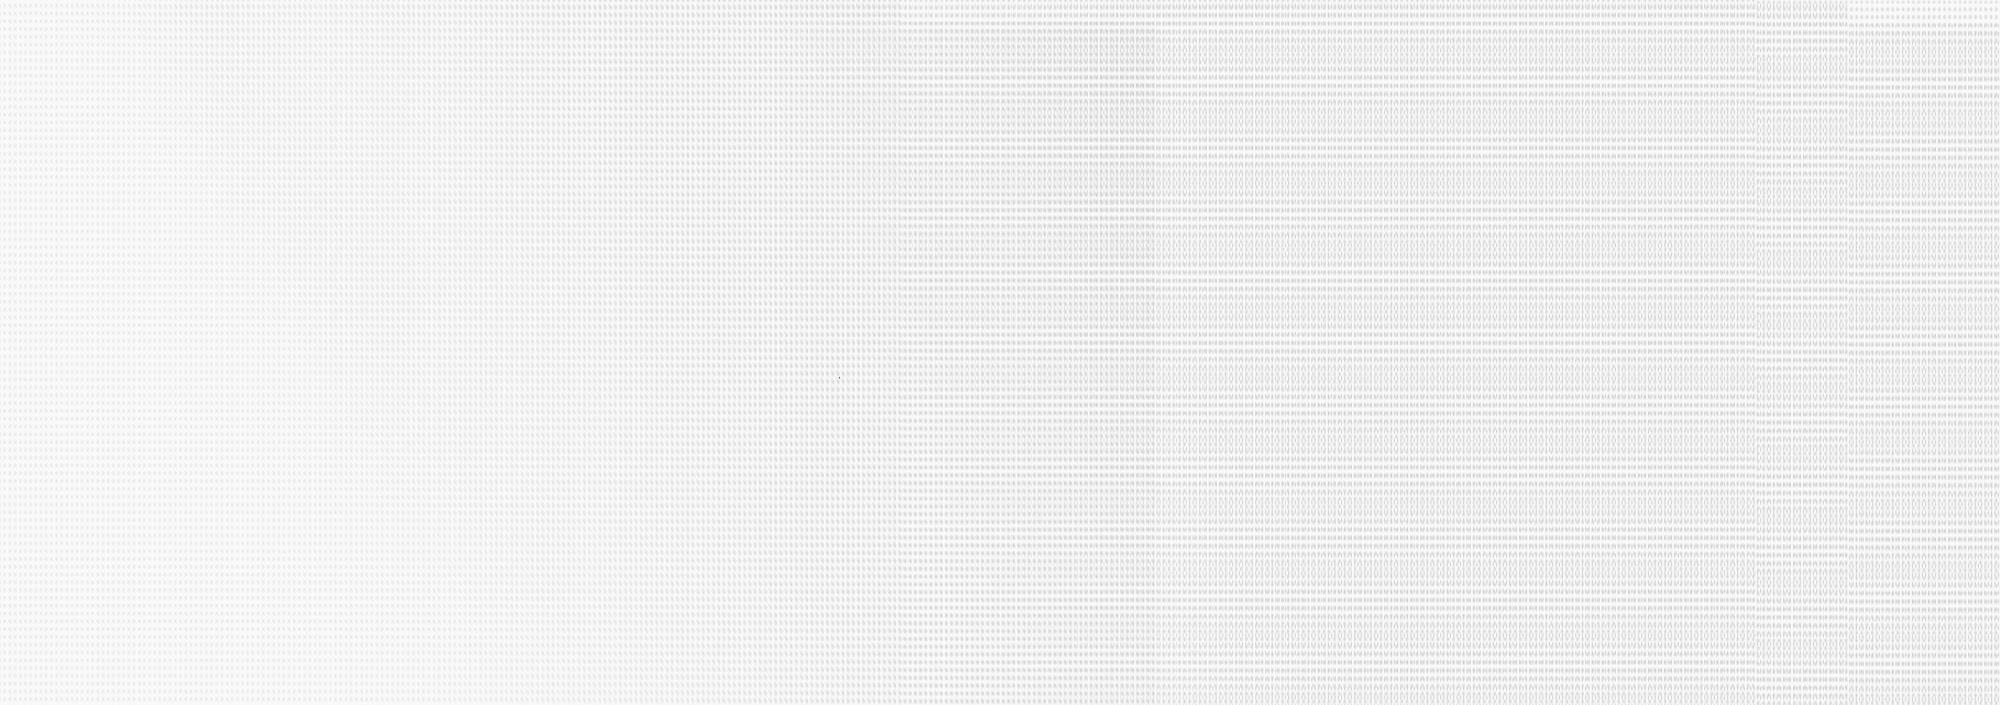 佳成网站首页风格_05